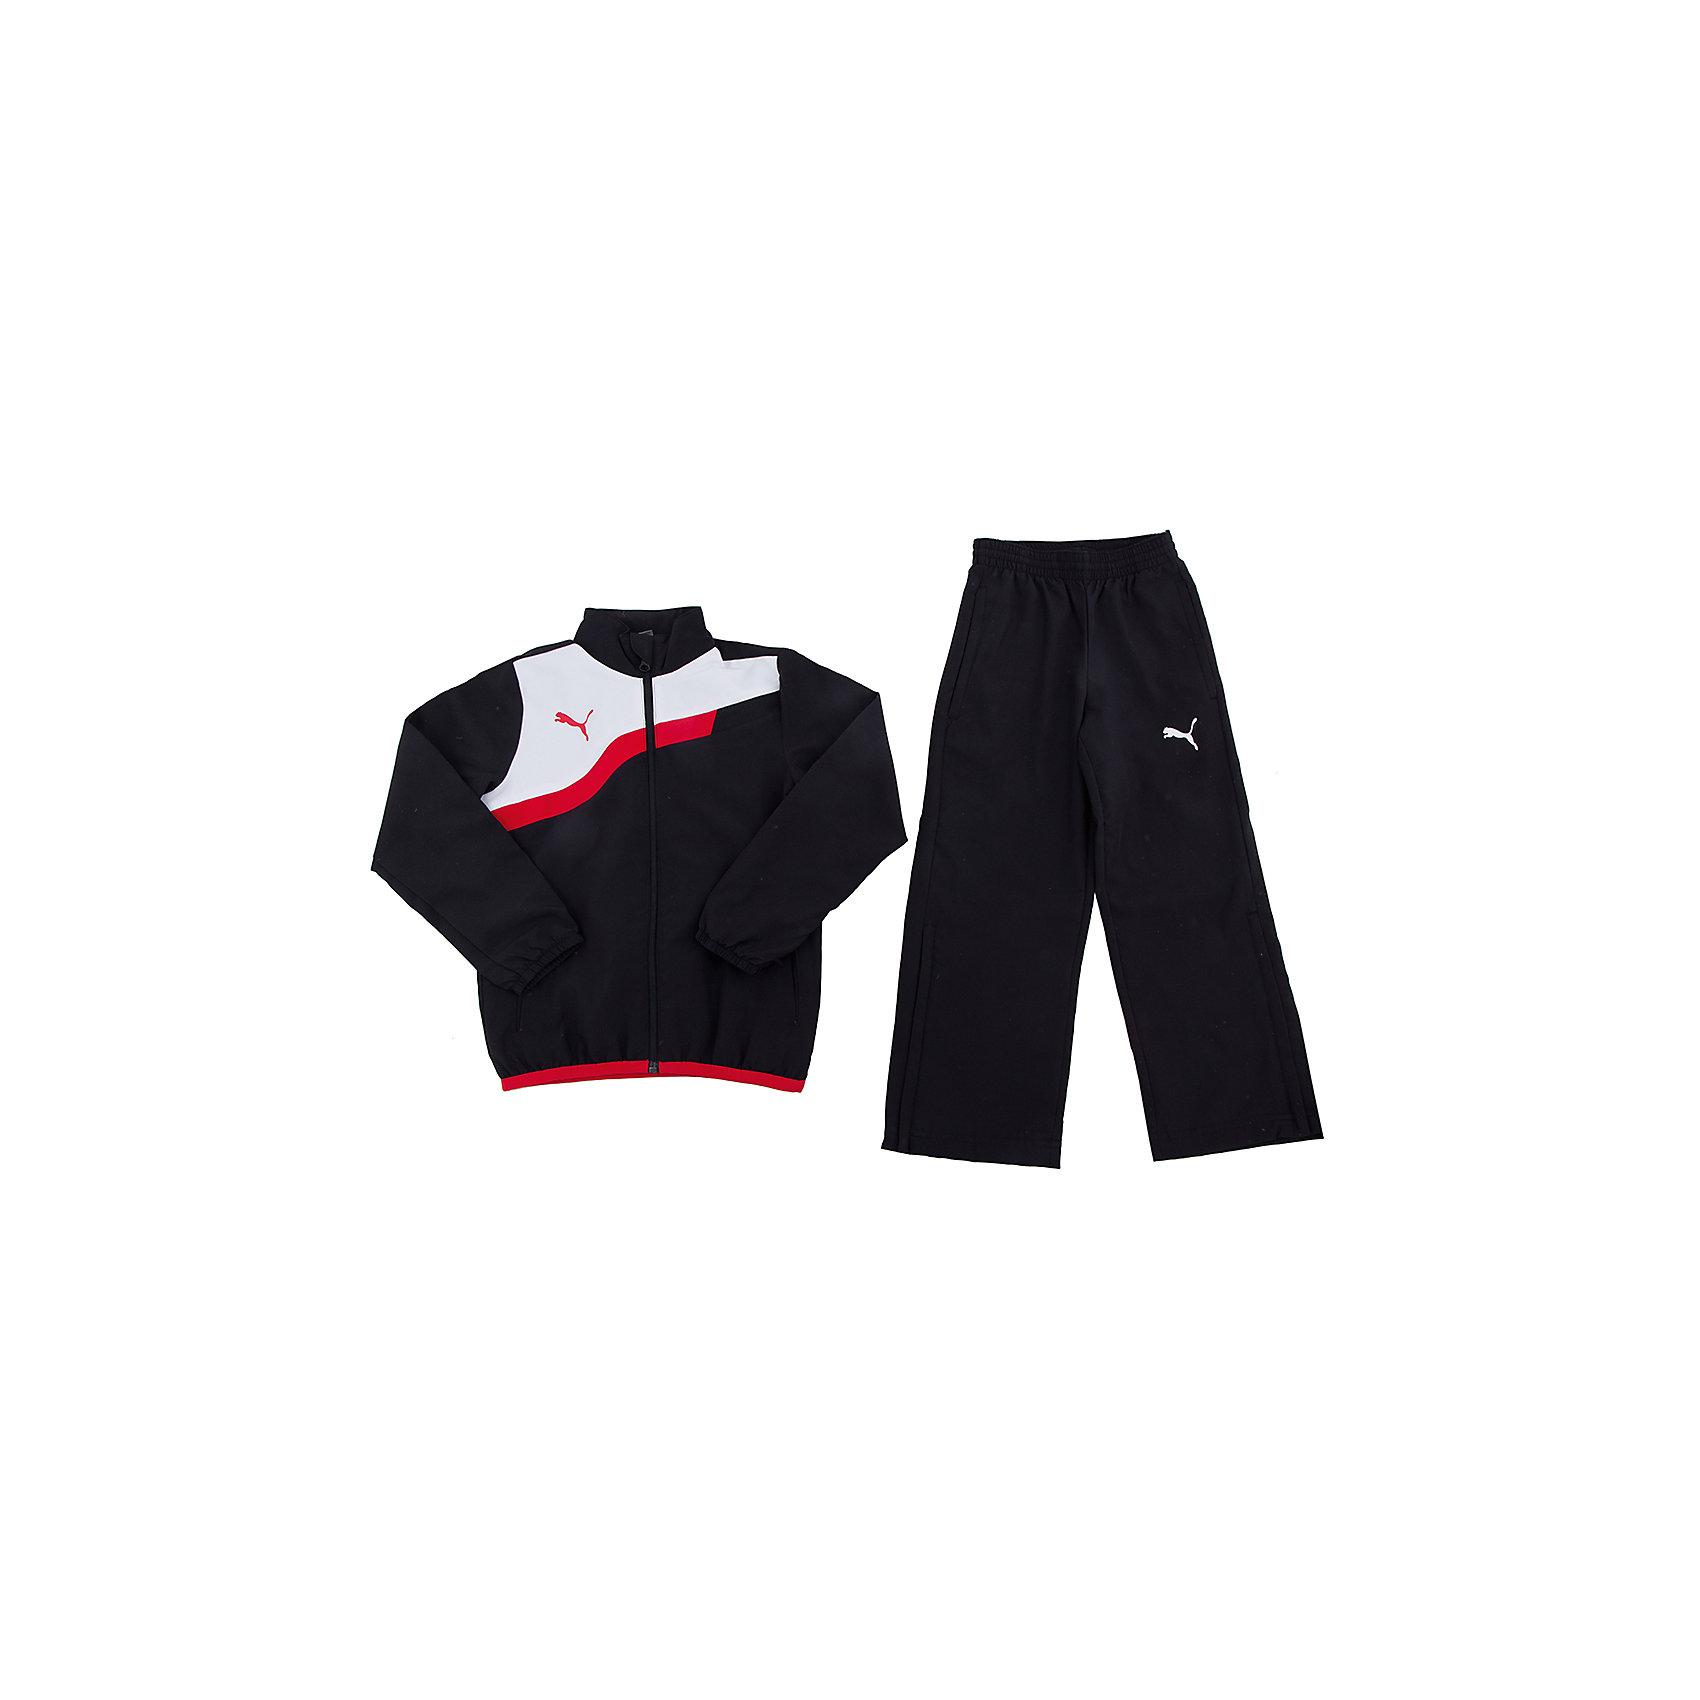 Спортивный костюм для мальчика BTS Woven Tracksuit PUMA